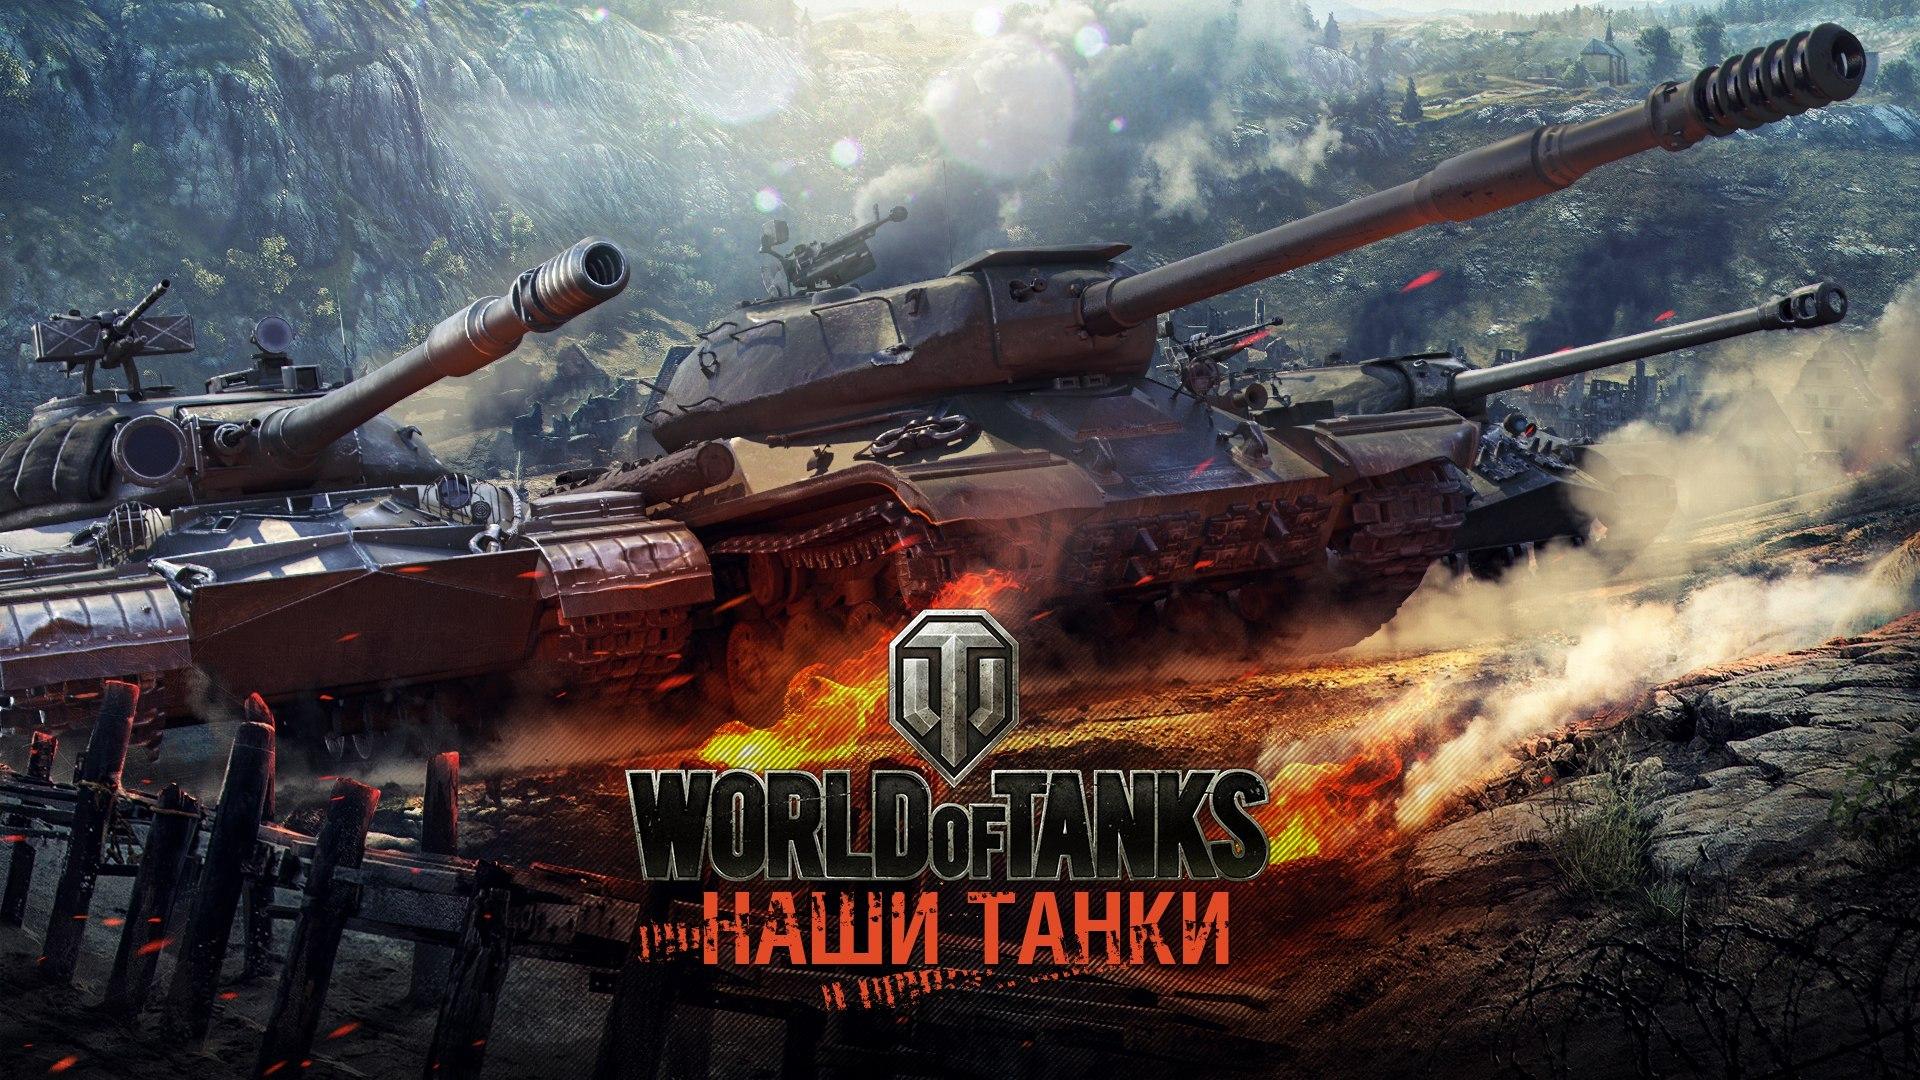 крутые обои для рабочего стола world of tanks № 248654 бесплатно